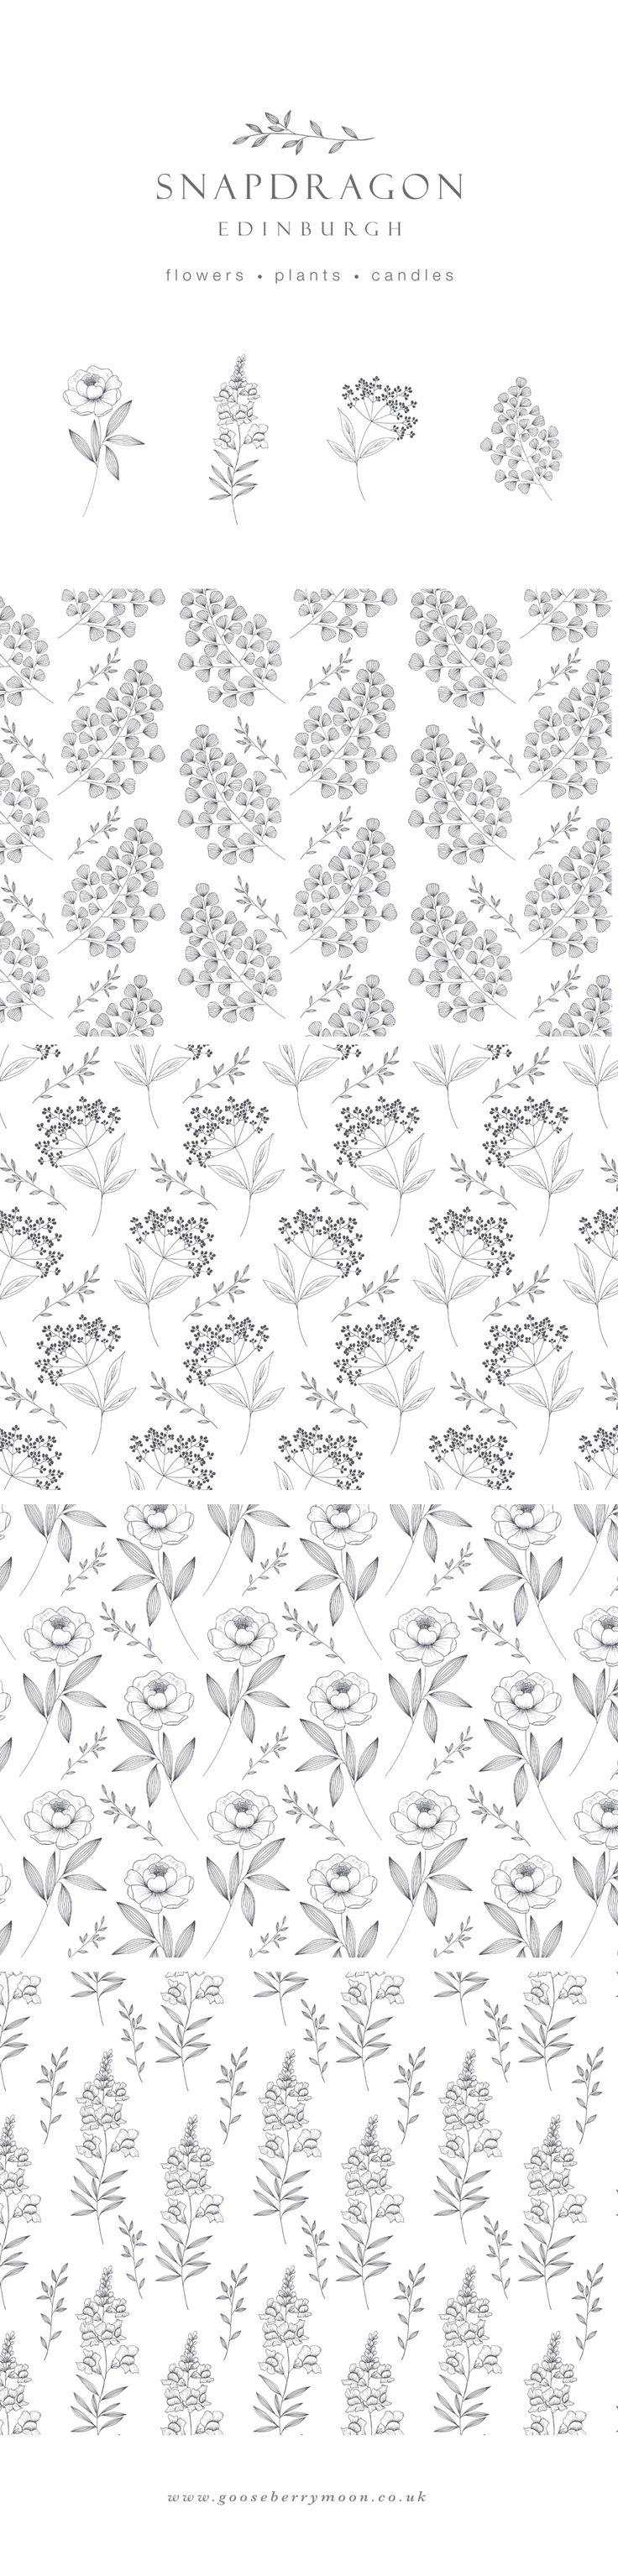 Logo, illustration and pattern design for florist Snapdragon Edinburgh